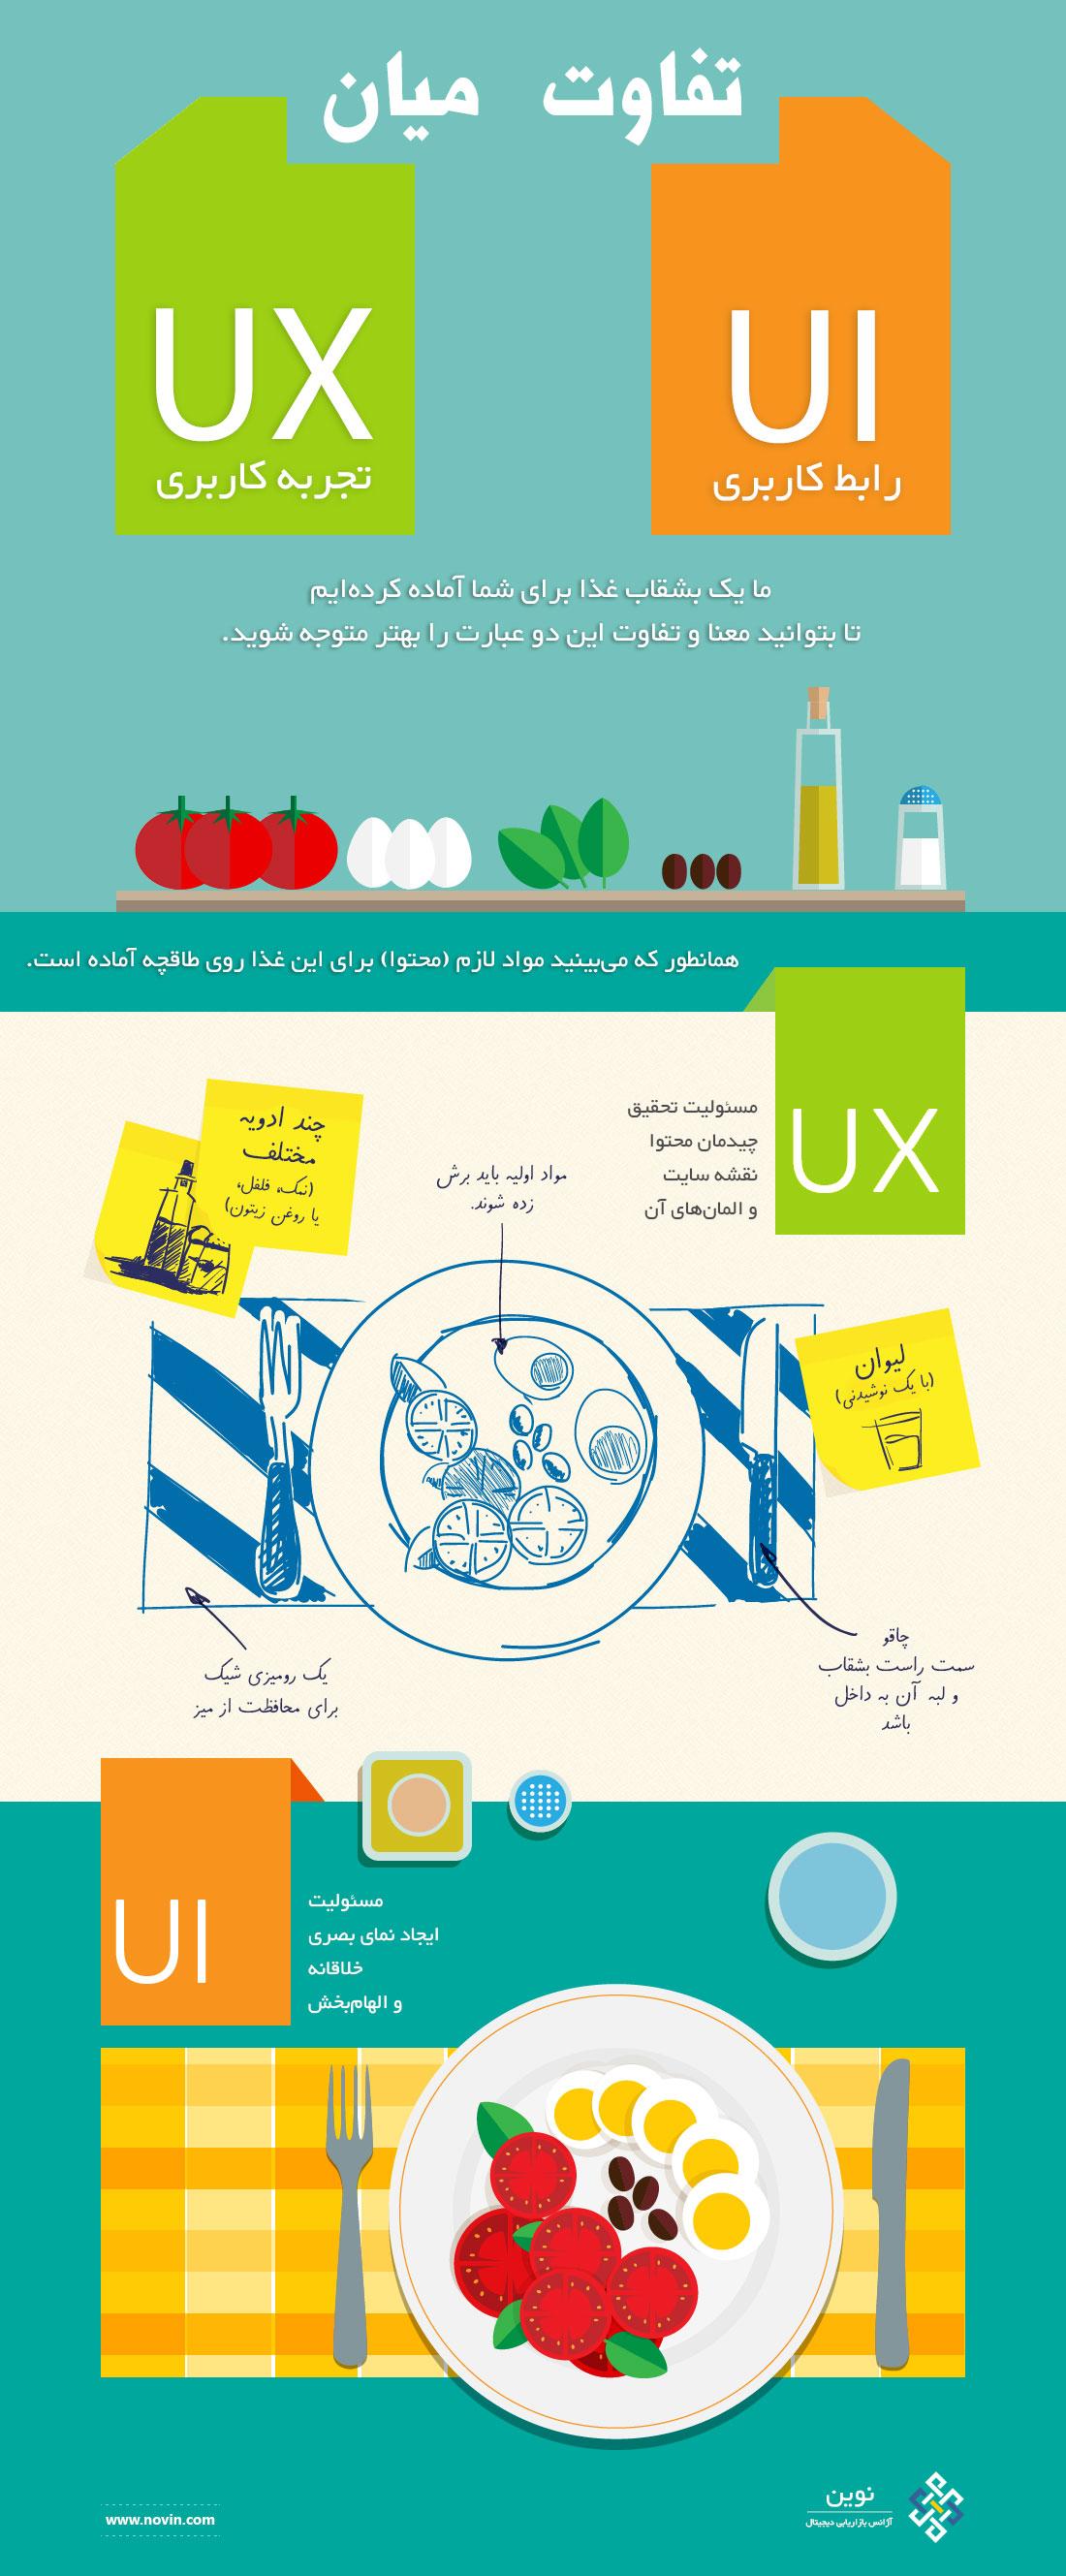 فرق میان UX و UI